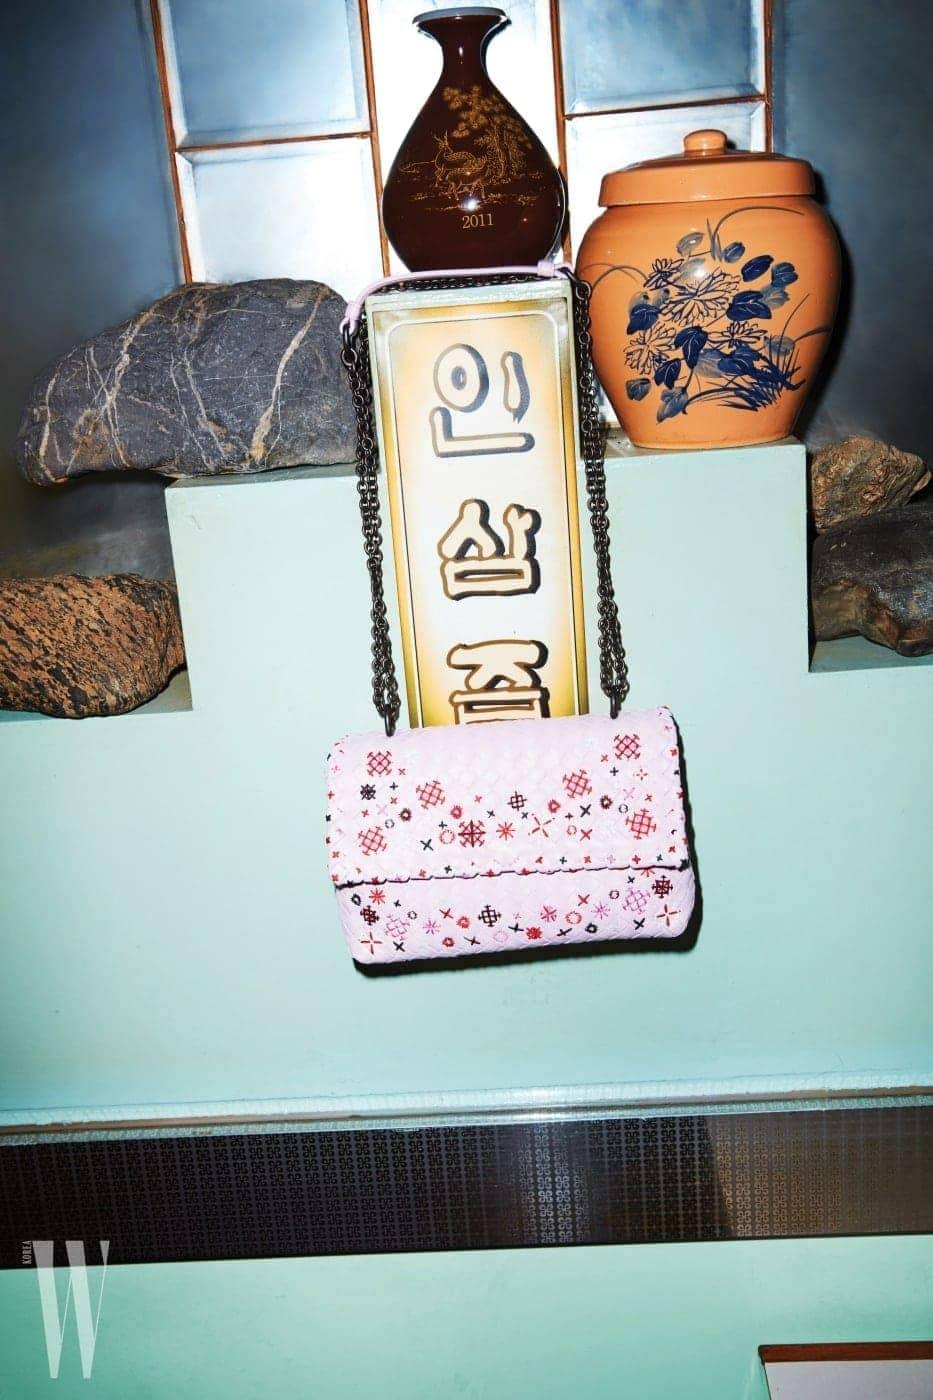 아름다운 자수를 더한 핑크색 위빙 숄더백은 보테가 베네타 제품. 3백33만원.